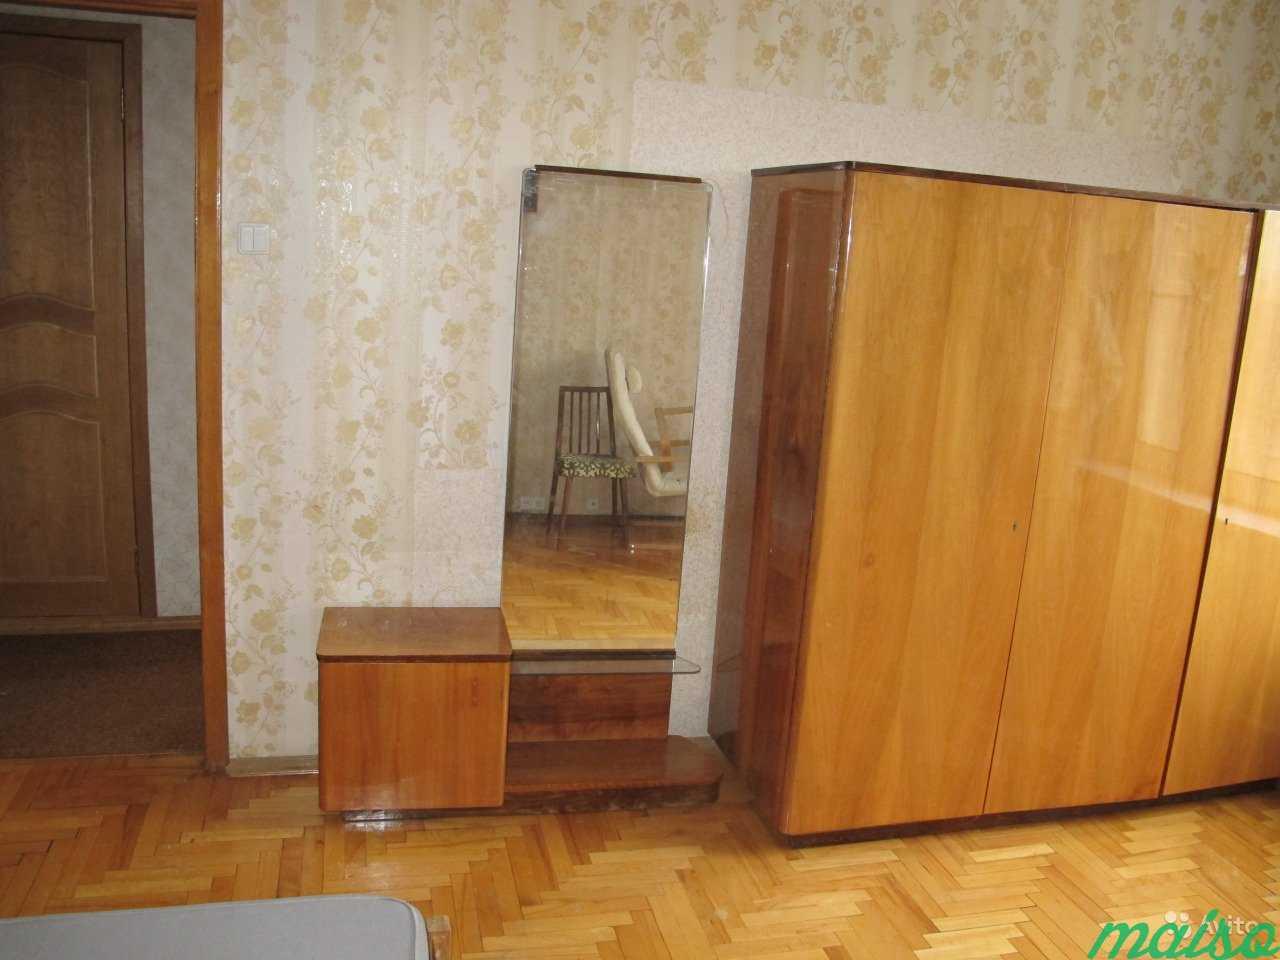 Шкаф и трюмо для спальной комнаты (Польша) в Москве. Фото 4